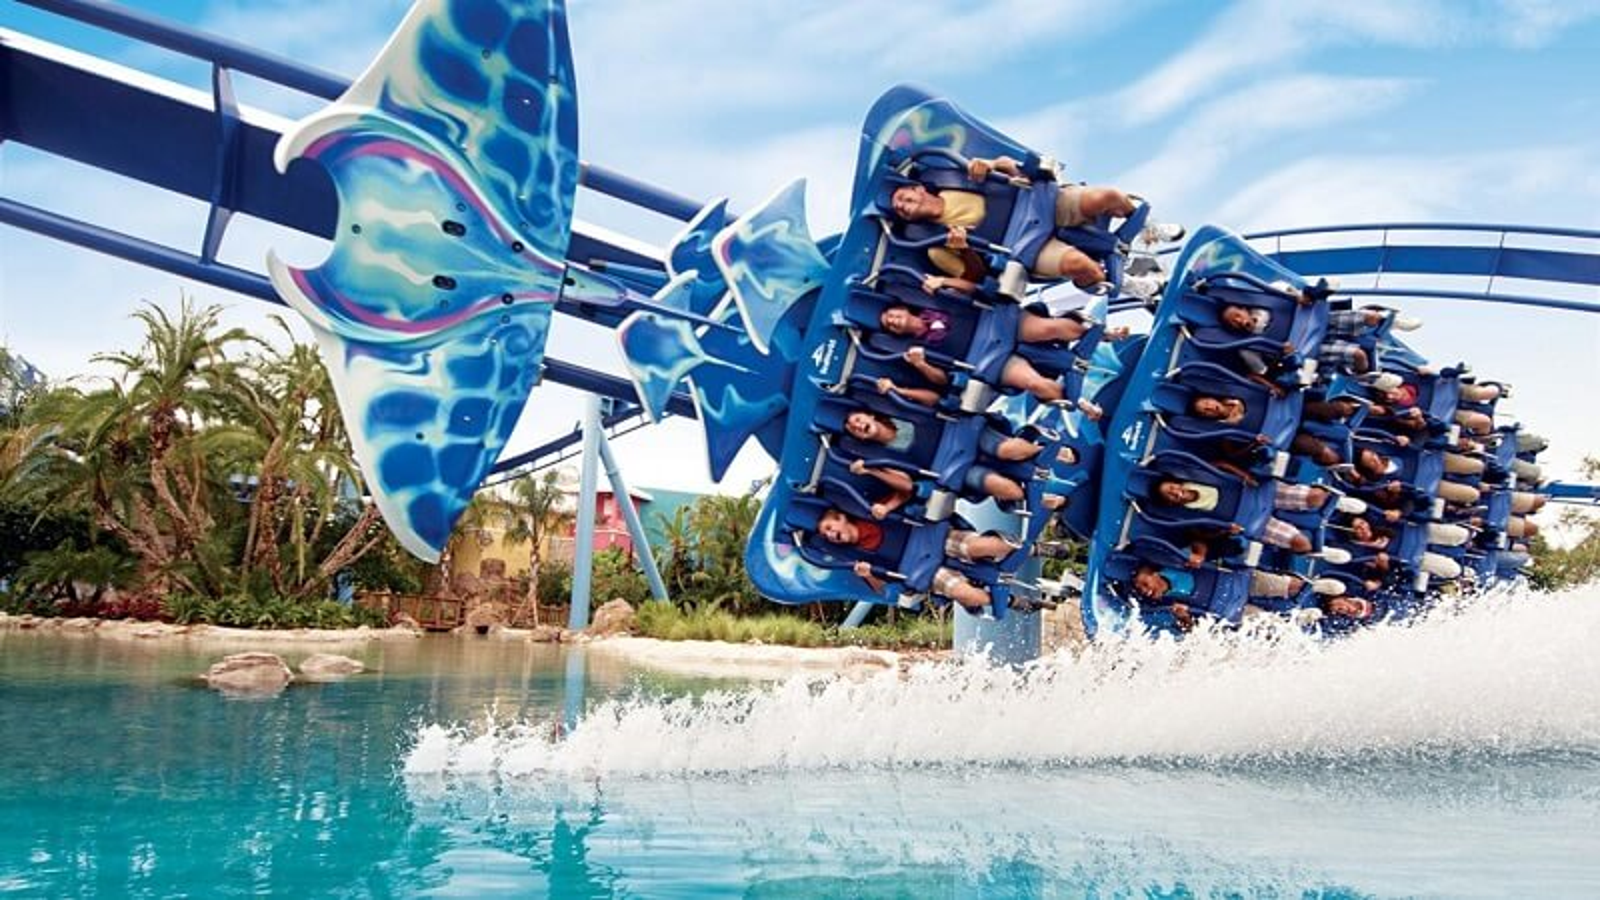 billets coupe-file pour les parcs d'attractions d'Orlando